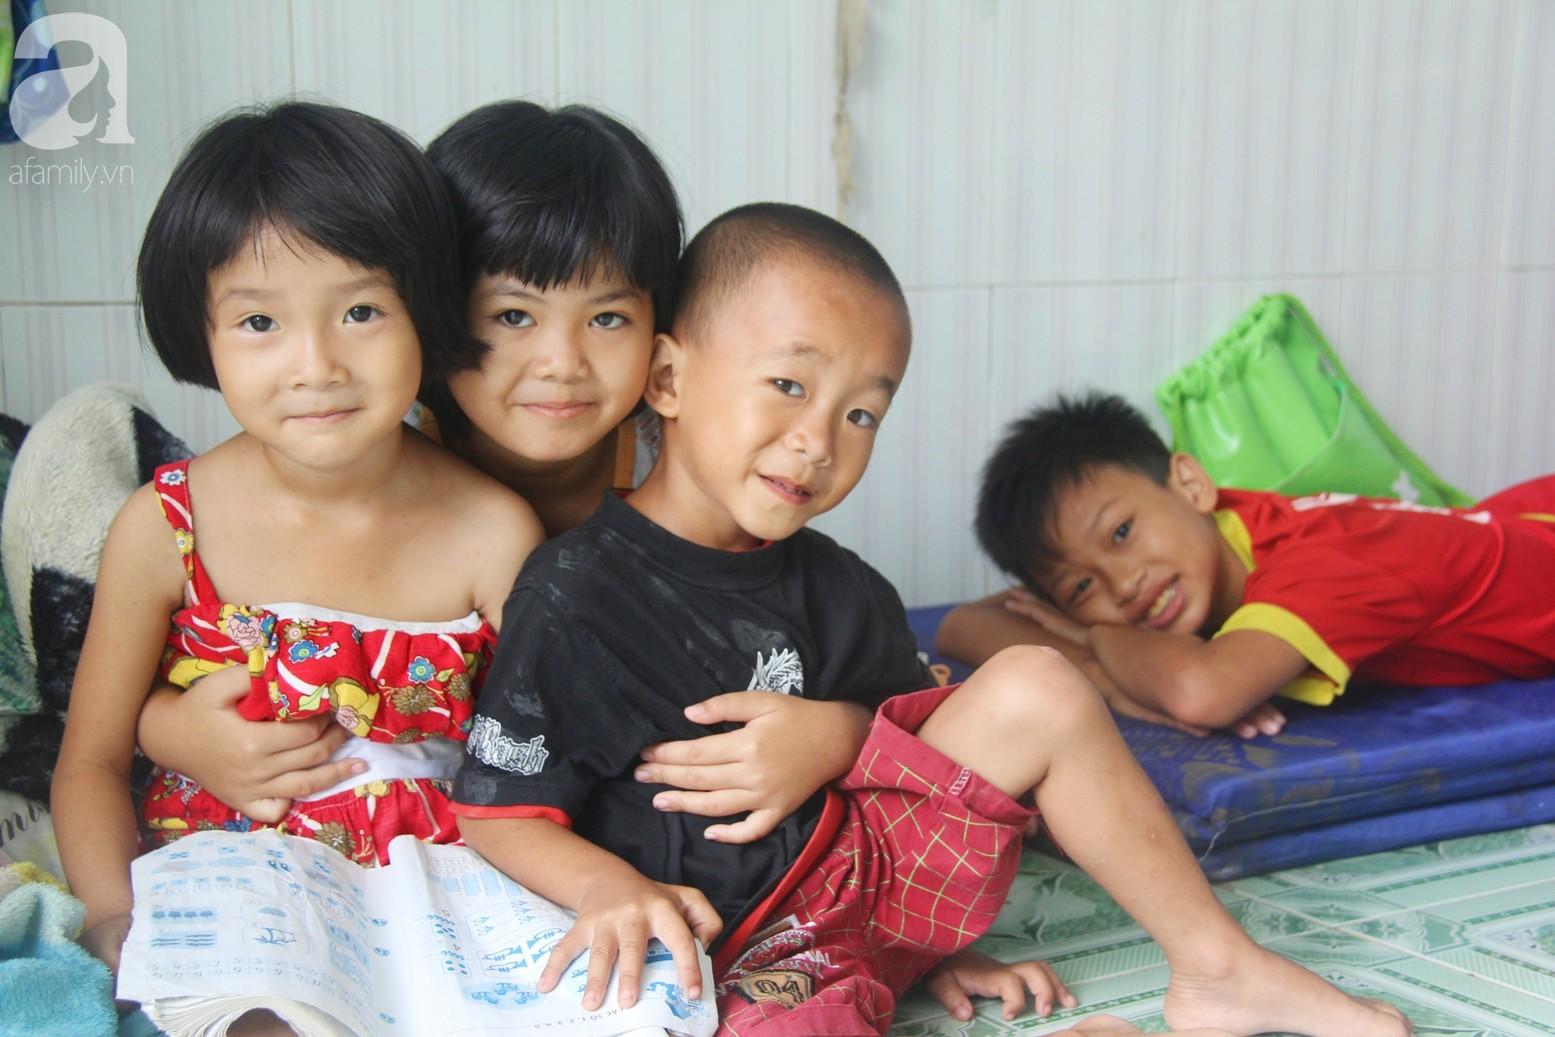 Phép màu đến với 8 đứa trẻ sống nheo nhóc bên bà ngoại già bại liệt: Tụi con ăn cơm với cá thịt và sắp được đến trường - Ảnh 3.